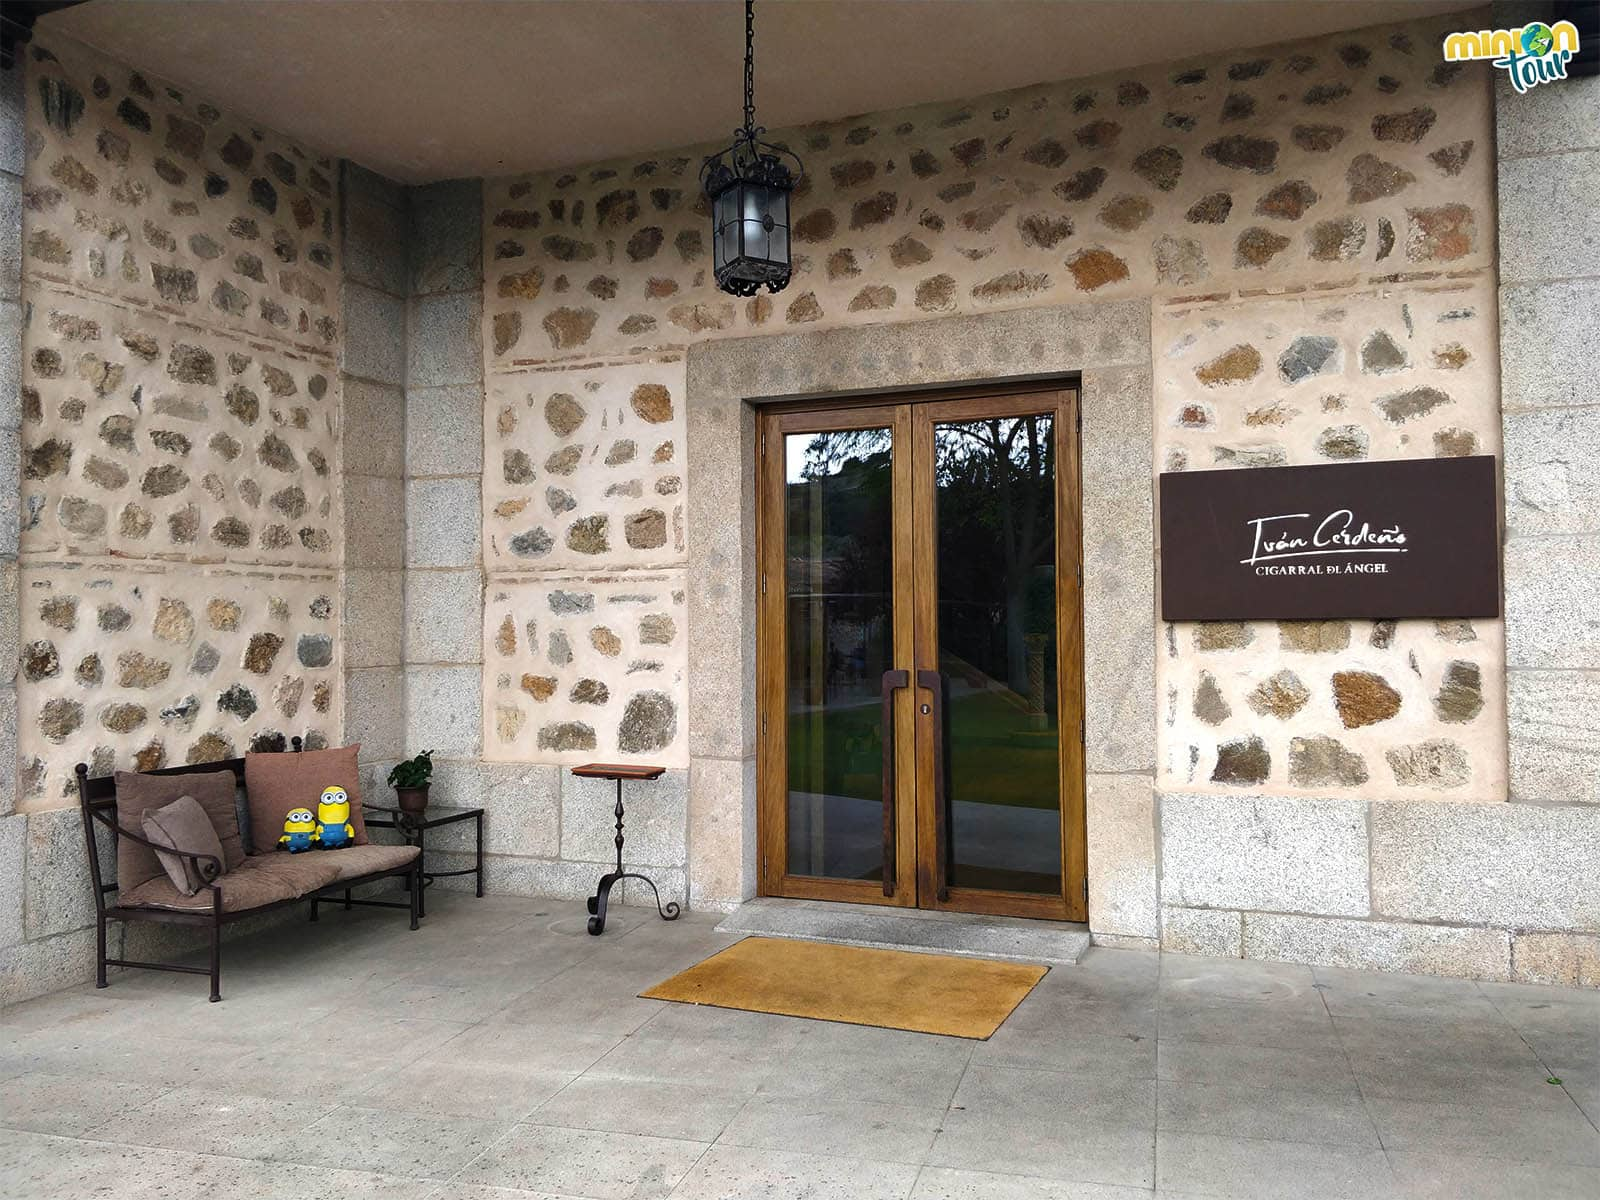 Descubrimos el restaurante de Iván Cerdeño en el Cigarral del Ángel Custodio